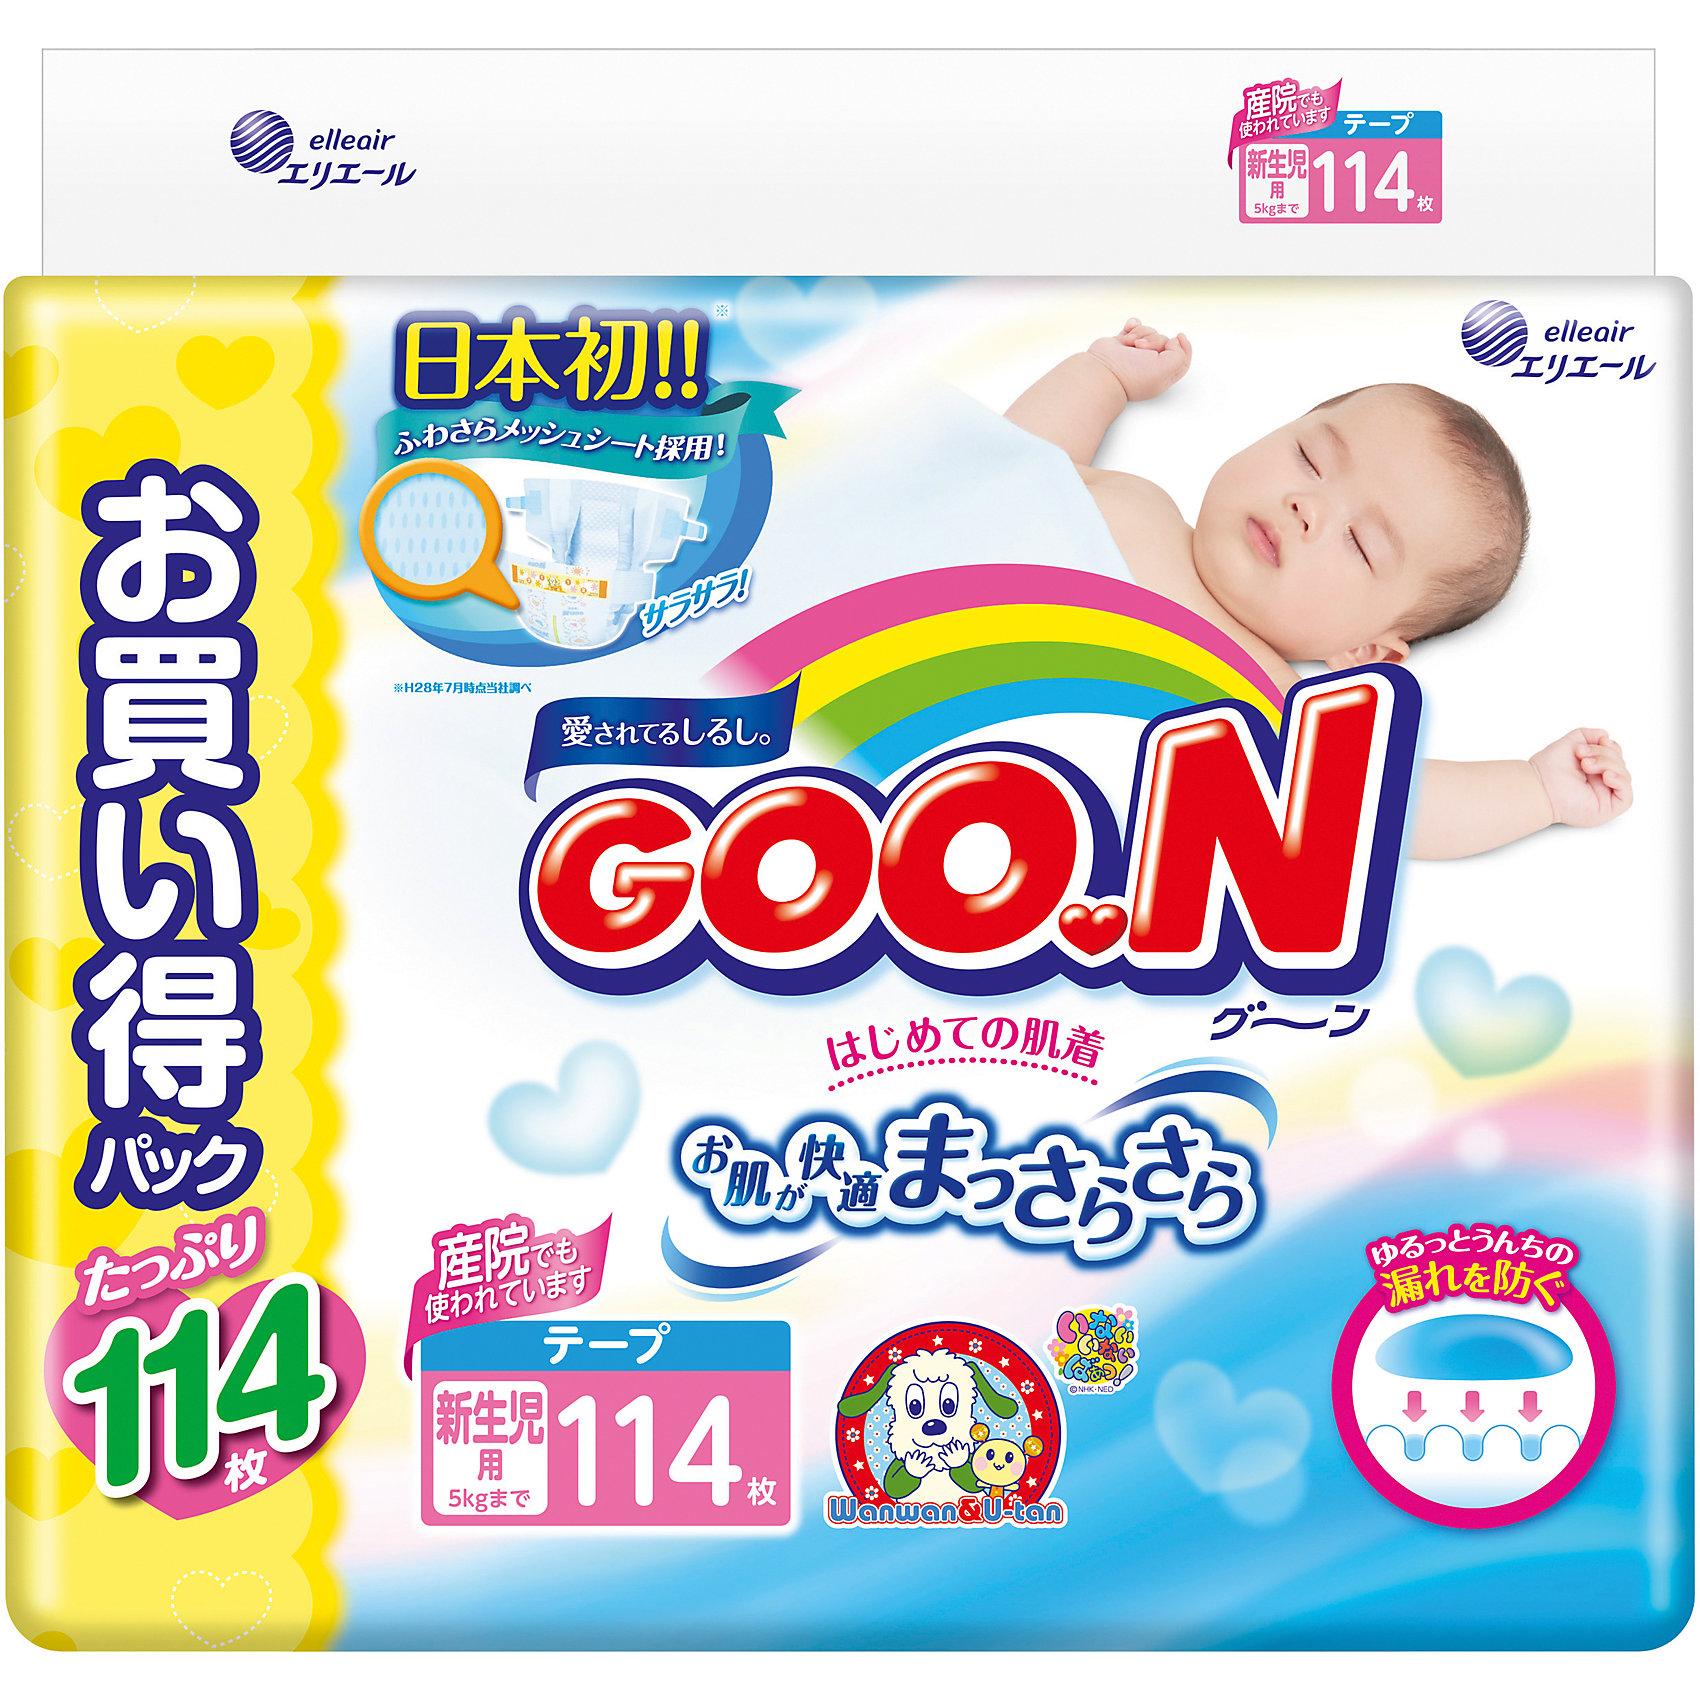 Подгузники ULTRA JUMBO PACK, NB 0- 5 кг., 114 шт., GoonПодгузники до 5 кг.<br>Японские подгузники GOO.N на липучках позаботятся о вашем малыше с самого рождения. Все их детали, которые касаются нежной кожи ребенка, отличаются необыкновенной мягкостью.<br>Благодаря новейшей технологии увеличения неровностей в трехмерной проекции, поверхность подгузника, контактирующая с кожей малыша, всегда сухая и гладкая!<br><br>Ширина мм: 350<br>Глубина мм: 455<br>Высота мм: 125<br>Вес г: 2070<br>Возраст от месяцев: 0<br>Возраст до месяцев: 1<br>Пол: Унисекс<br>Возраст: Детский<br>SKU: 5540882